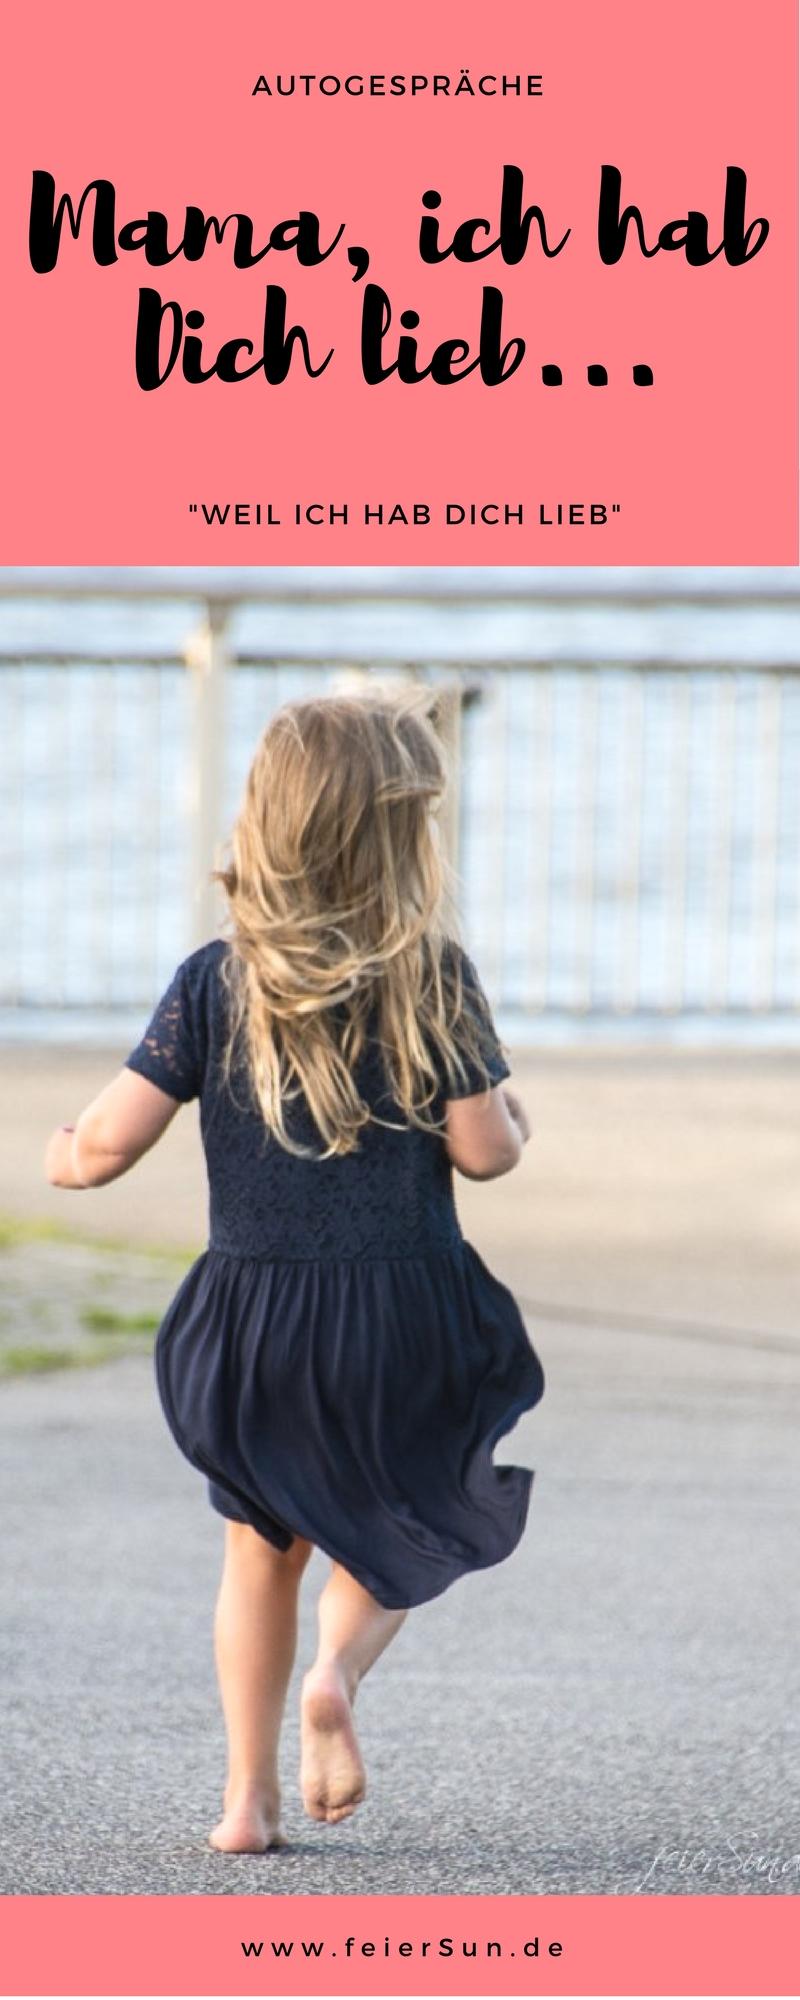 Mädchen rennt mit wehenden haaren und wehendem Kleid einen weg entlang.